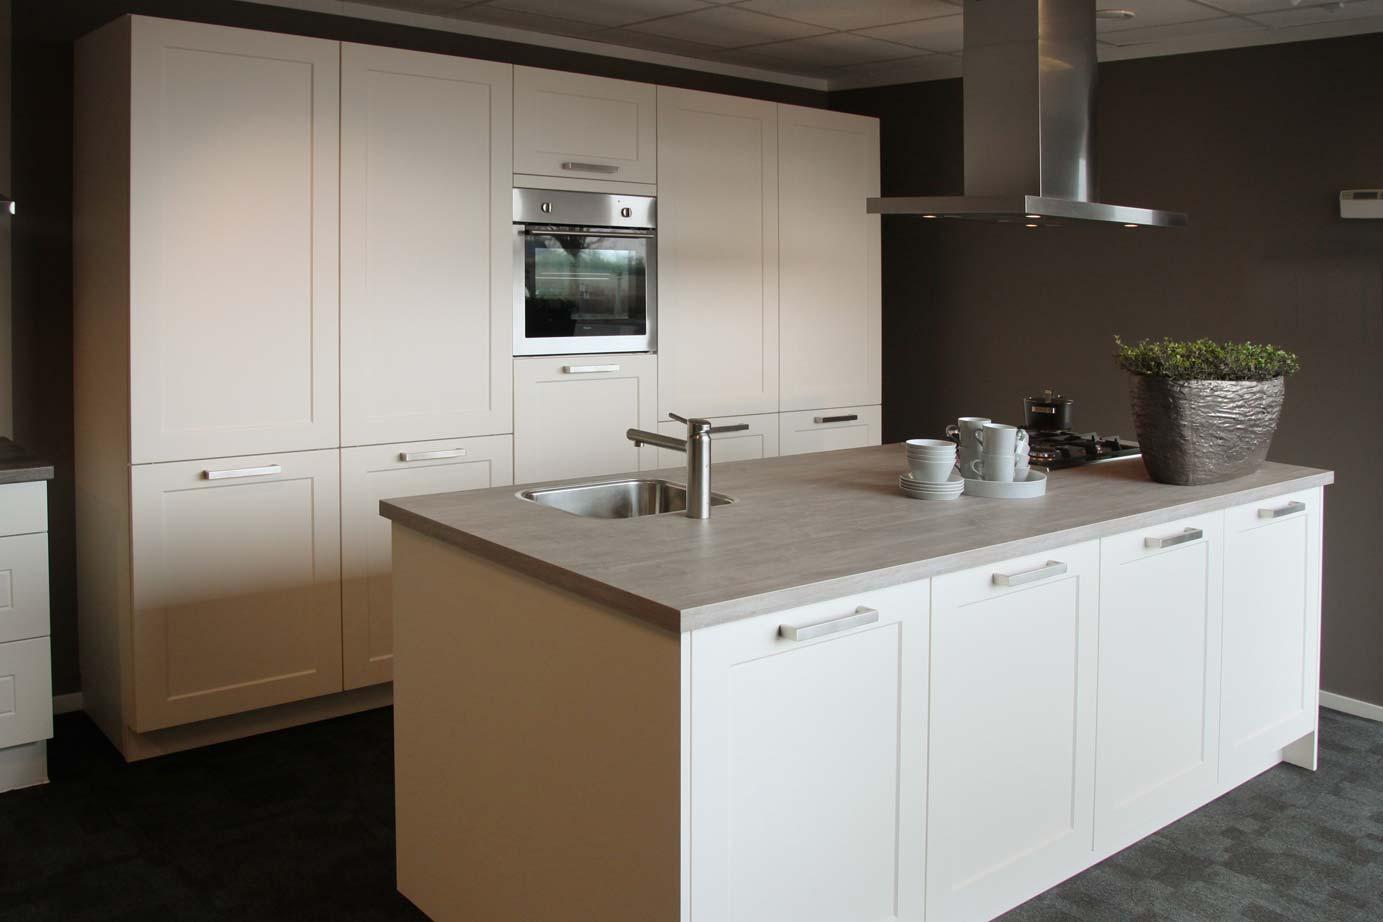 Luxe Keuken Met Kookeiland : Keuken met luxe kookeiland – DB Keukens